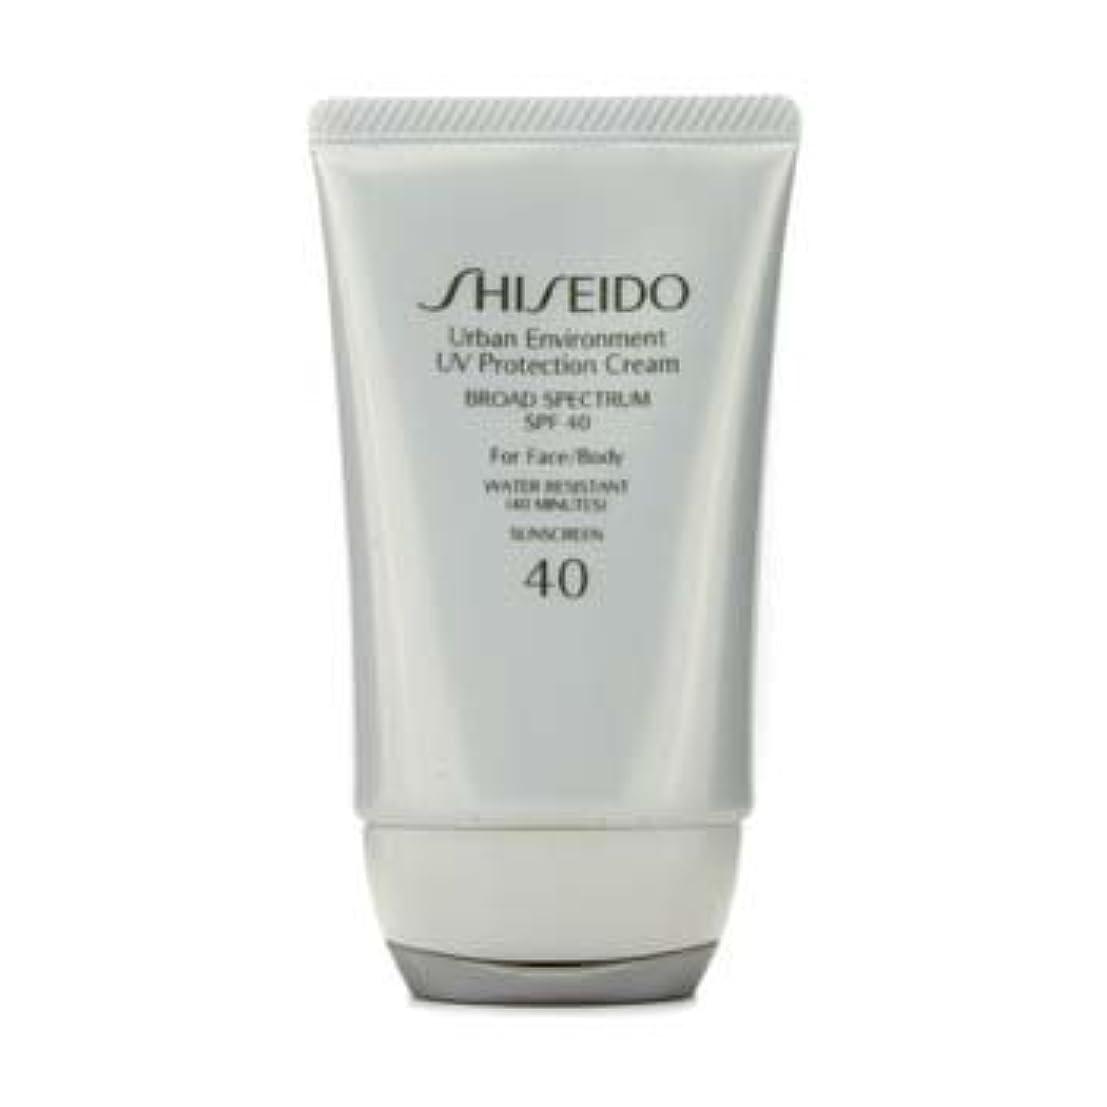 つまらないレキシコンガイドラインShiseido Urban Environment UV Protection Cream SPF 40 (For Face & Body) - 50ml/1.9oz by Shiseido [並行輸入品]